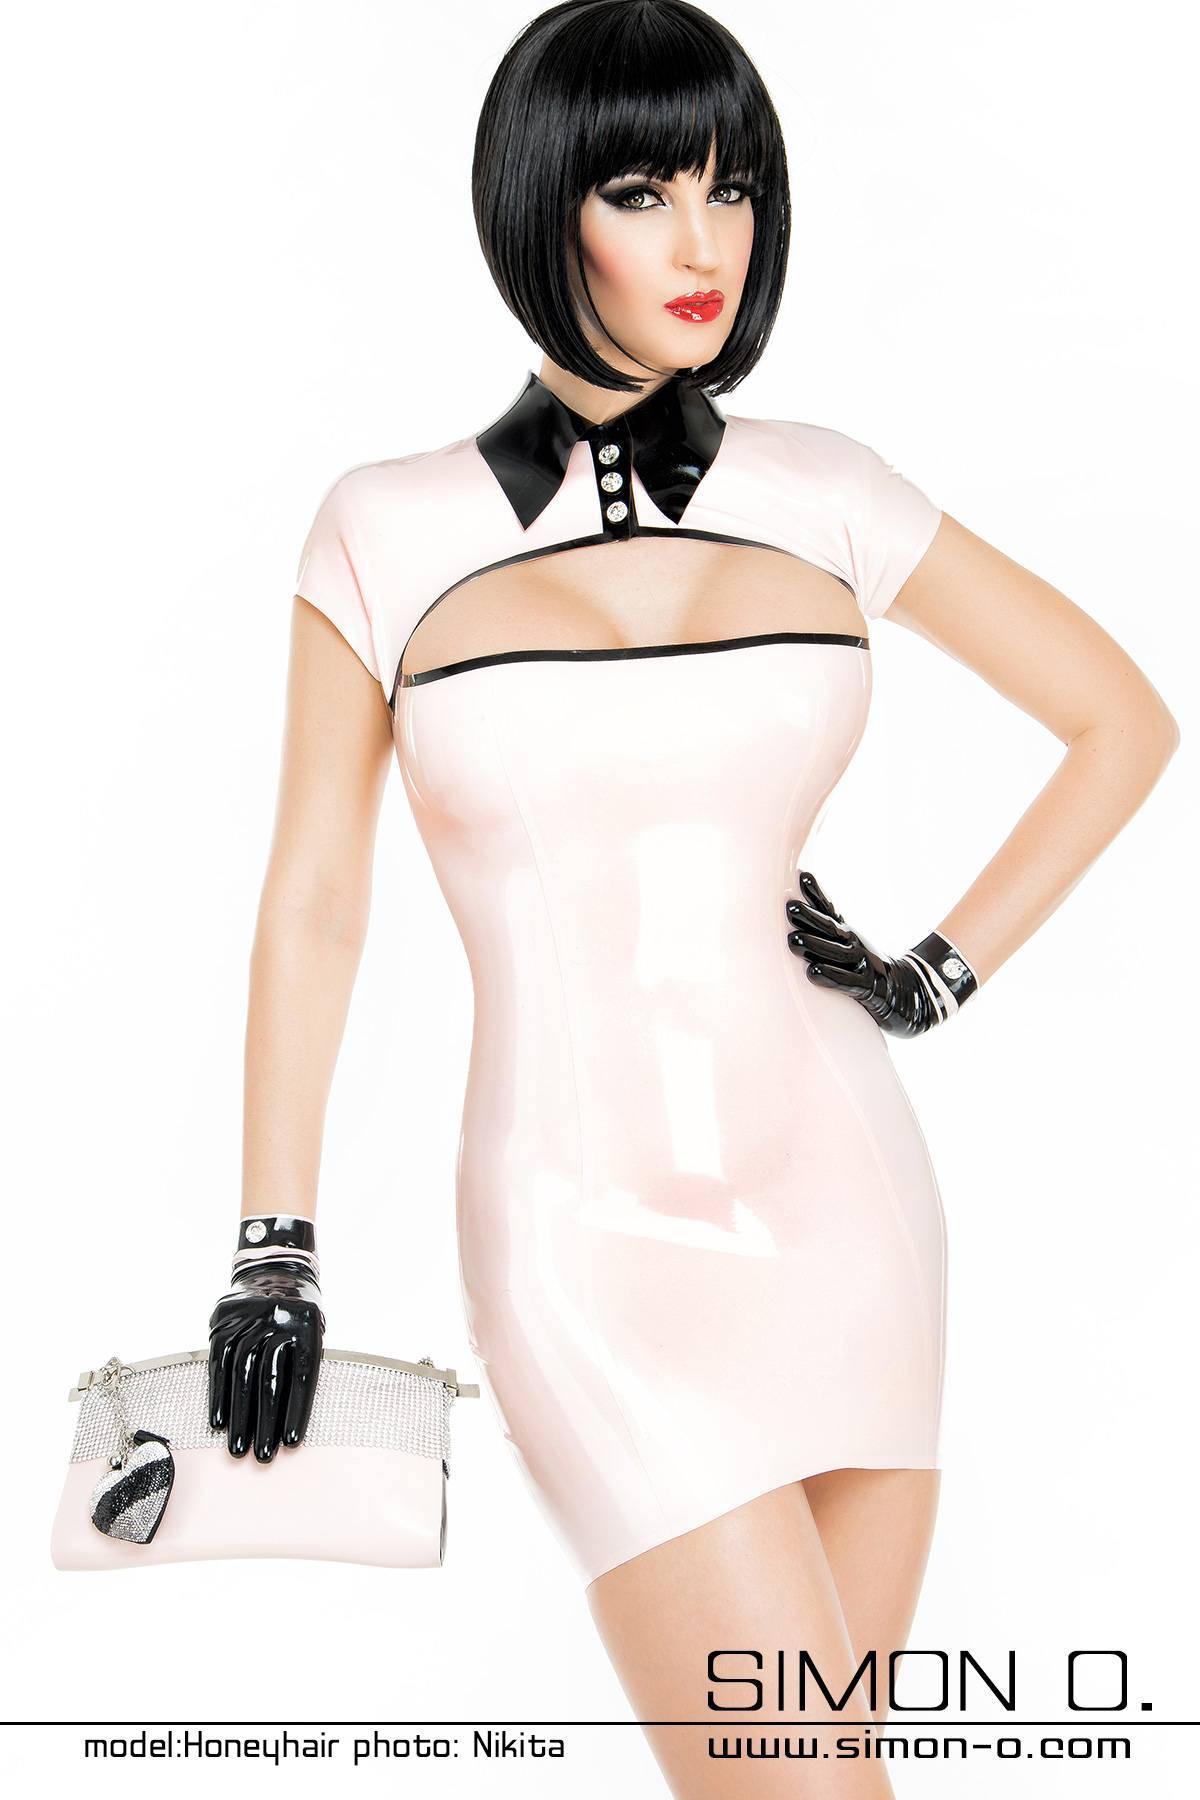 Elegantes Latex Kleid Modell JASMINA Dieses Latex Kleid mit atemberaubendem Ausschnitt wartet darauf von Ihnen getragen zu werden um bei einem eleganten …